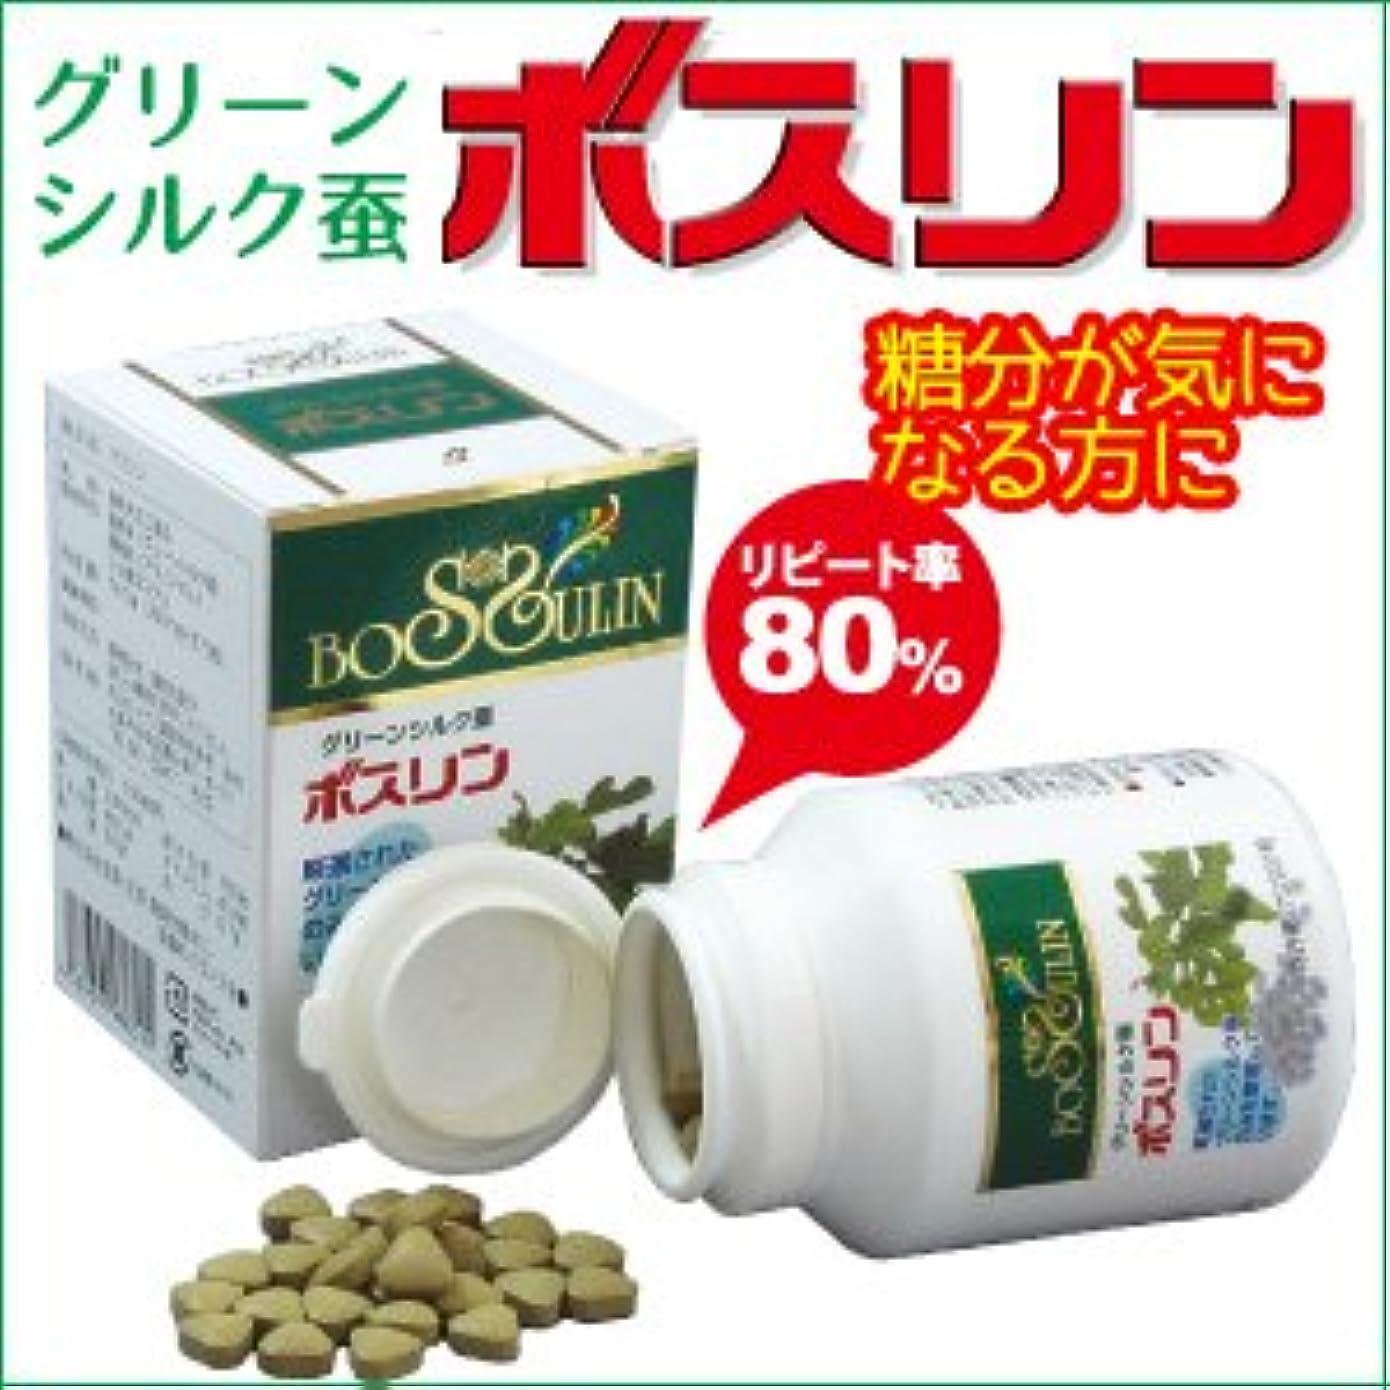 コールド知覚的指令ボスリン 桑の葉を主食とする厳選された蚕を使用したグリーンシルク蚕(蚕粉末)を配合!